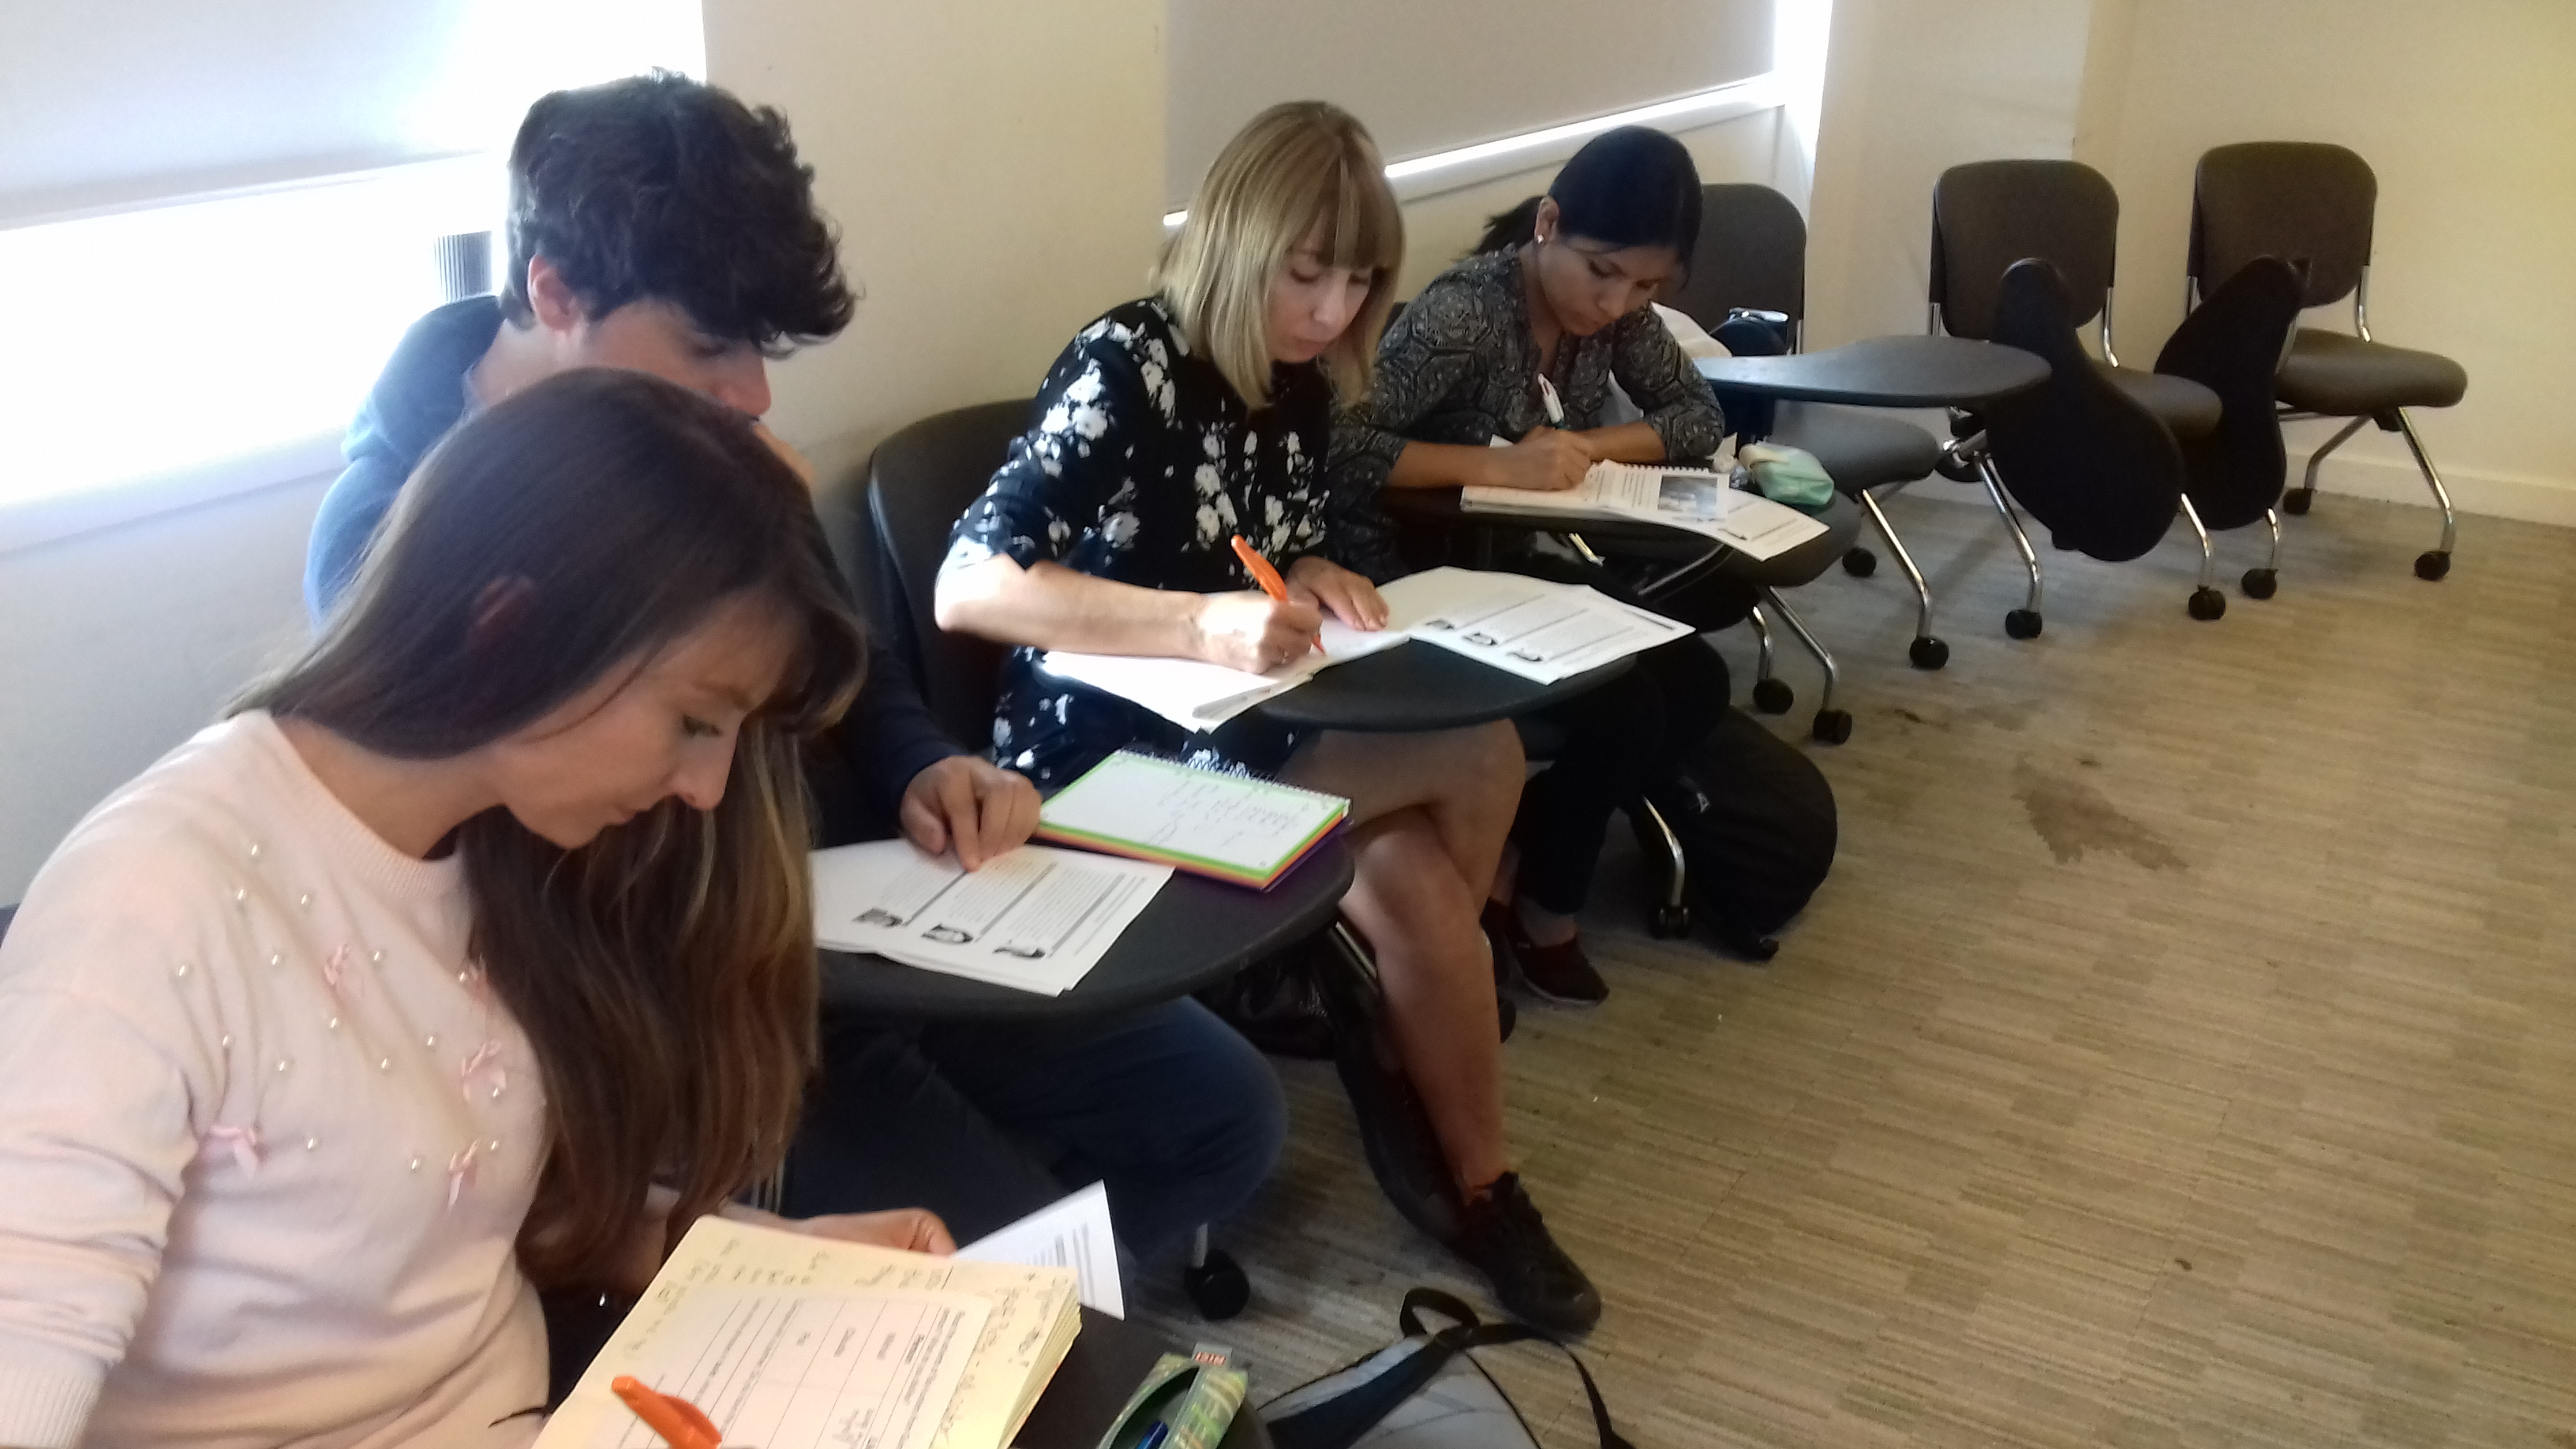 zajęcia w grupie kursowej